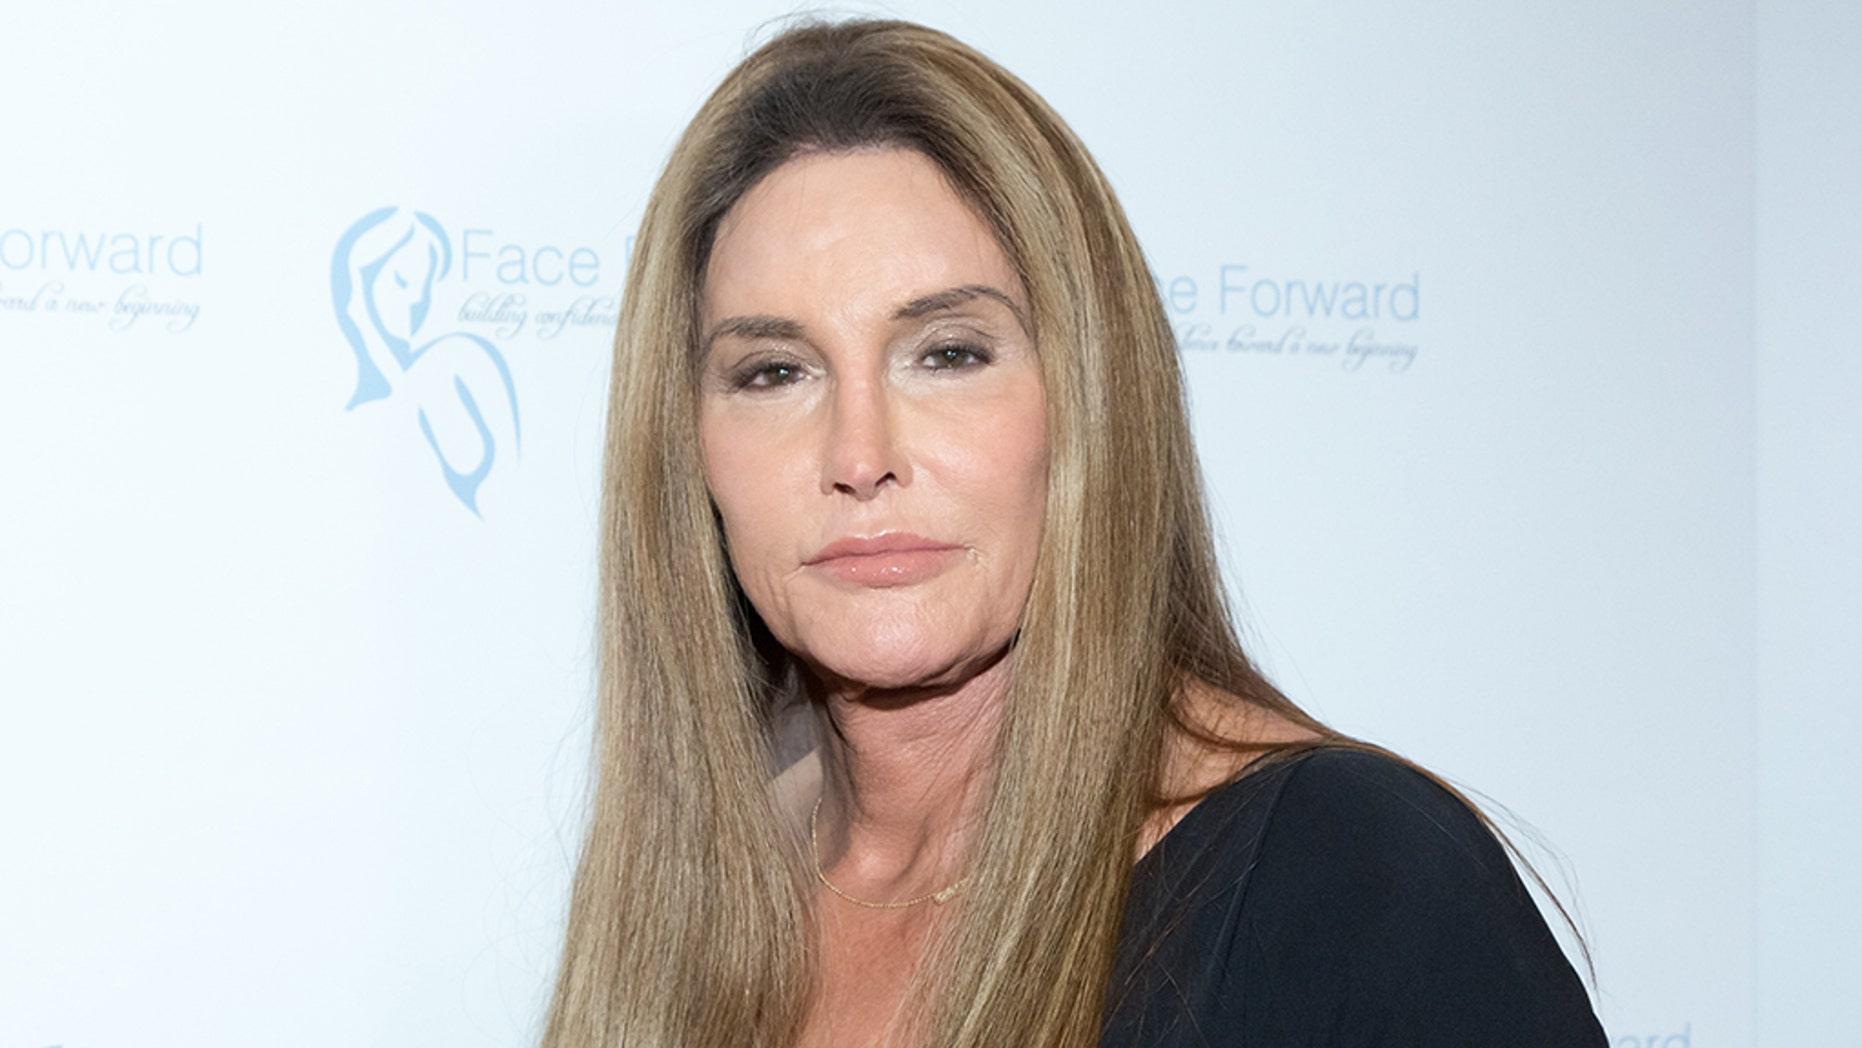 """Caitlyn Jenner slammed President Trump for a """"relentless attack"""" on the trans community."""